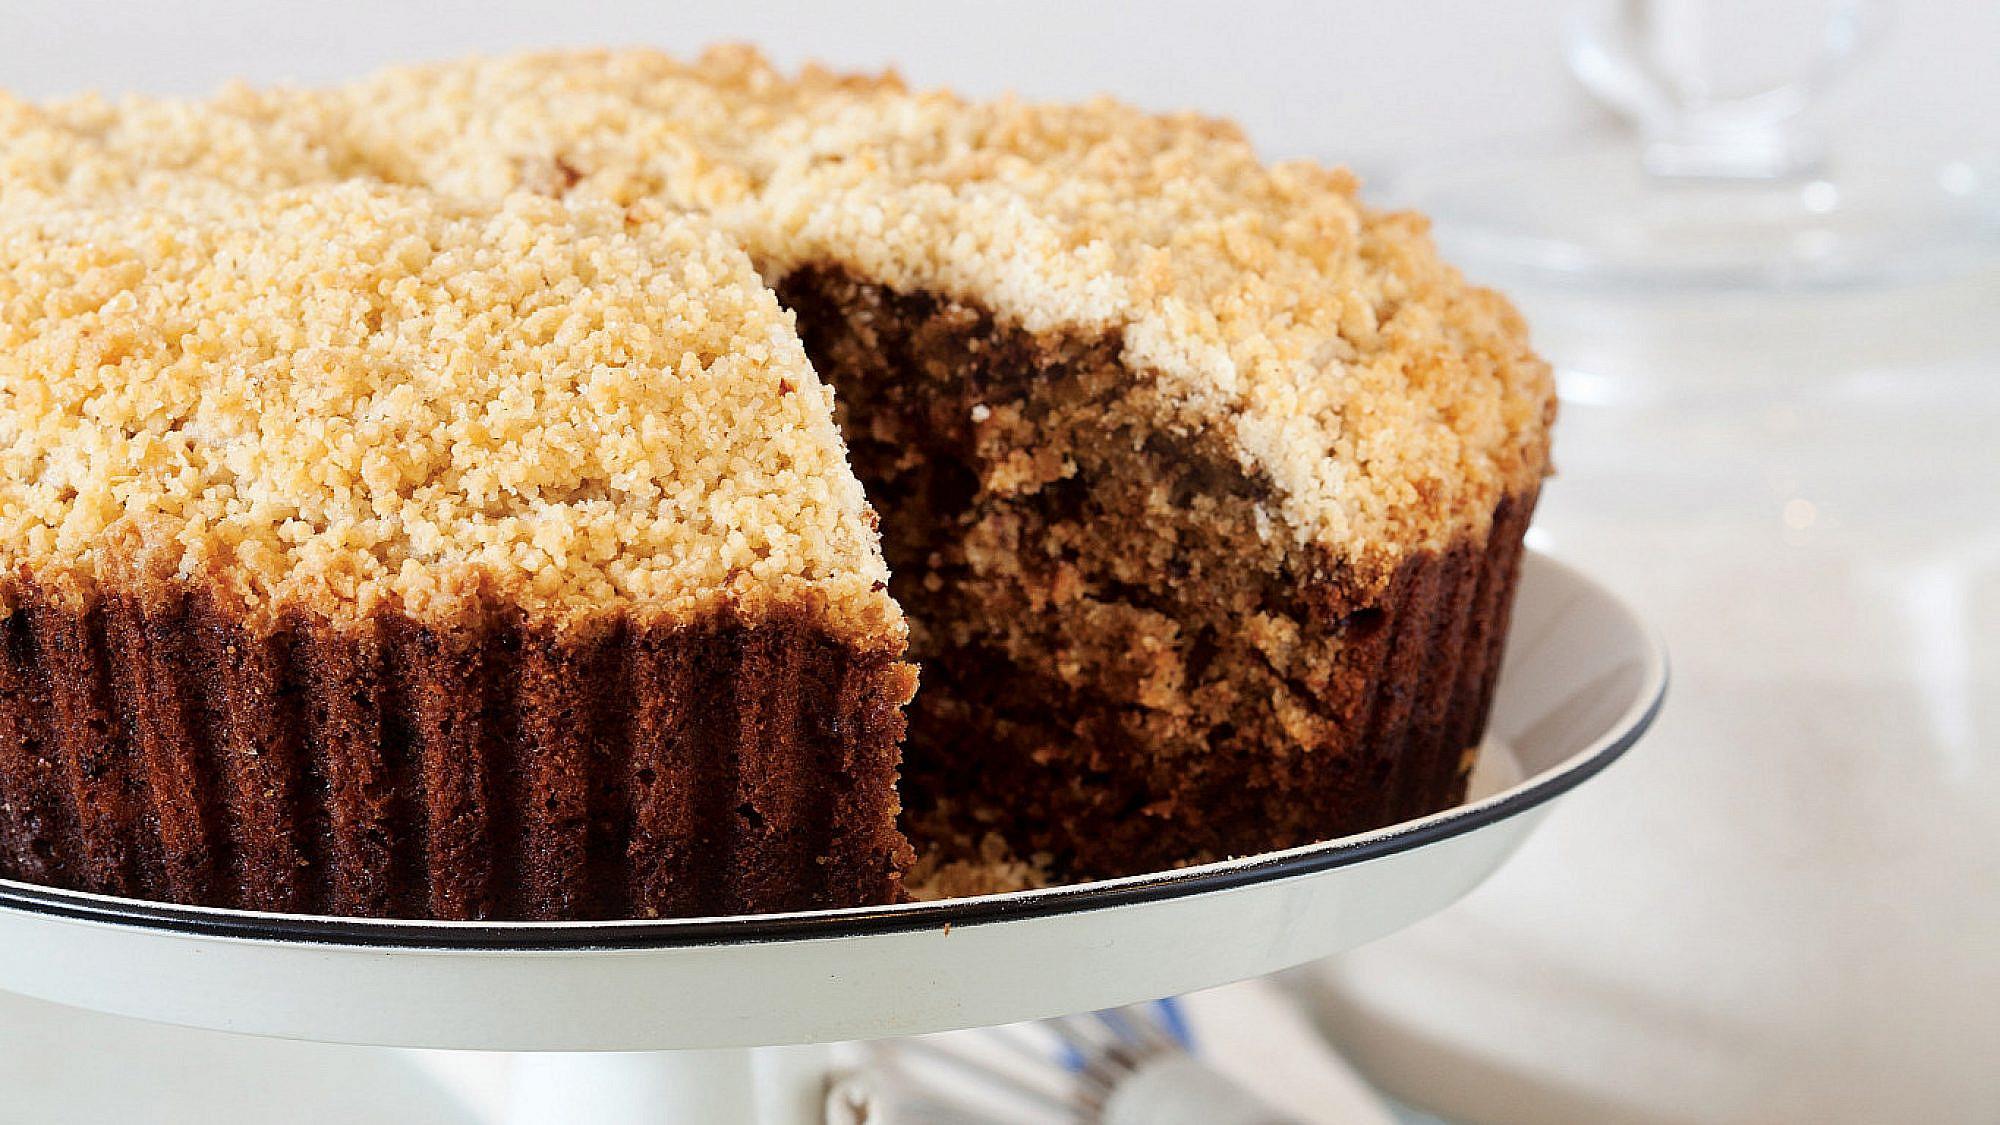 עוגת שוקולד, קפה וקוואקר של רות אוליבר. צילום: דניאל לילה. סטיילינג: דיאנה לינדר